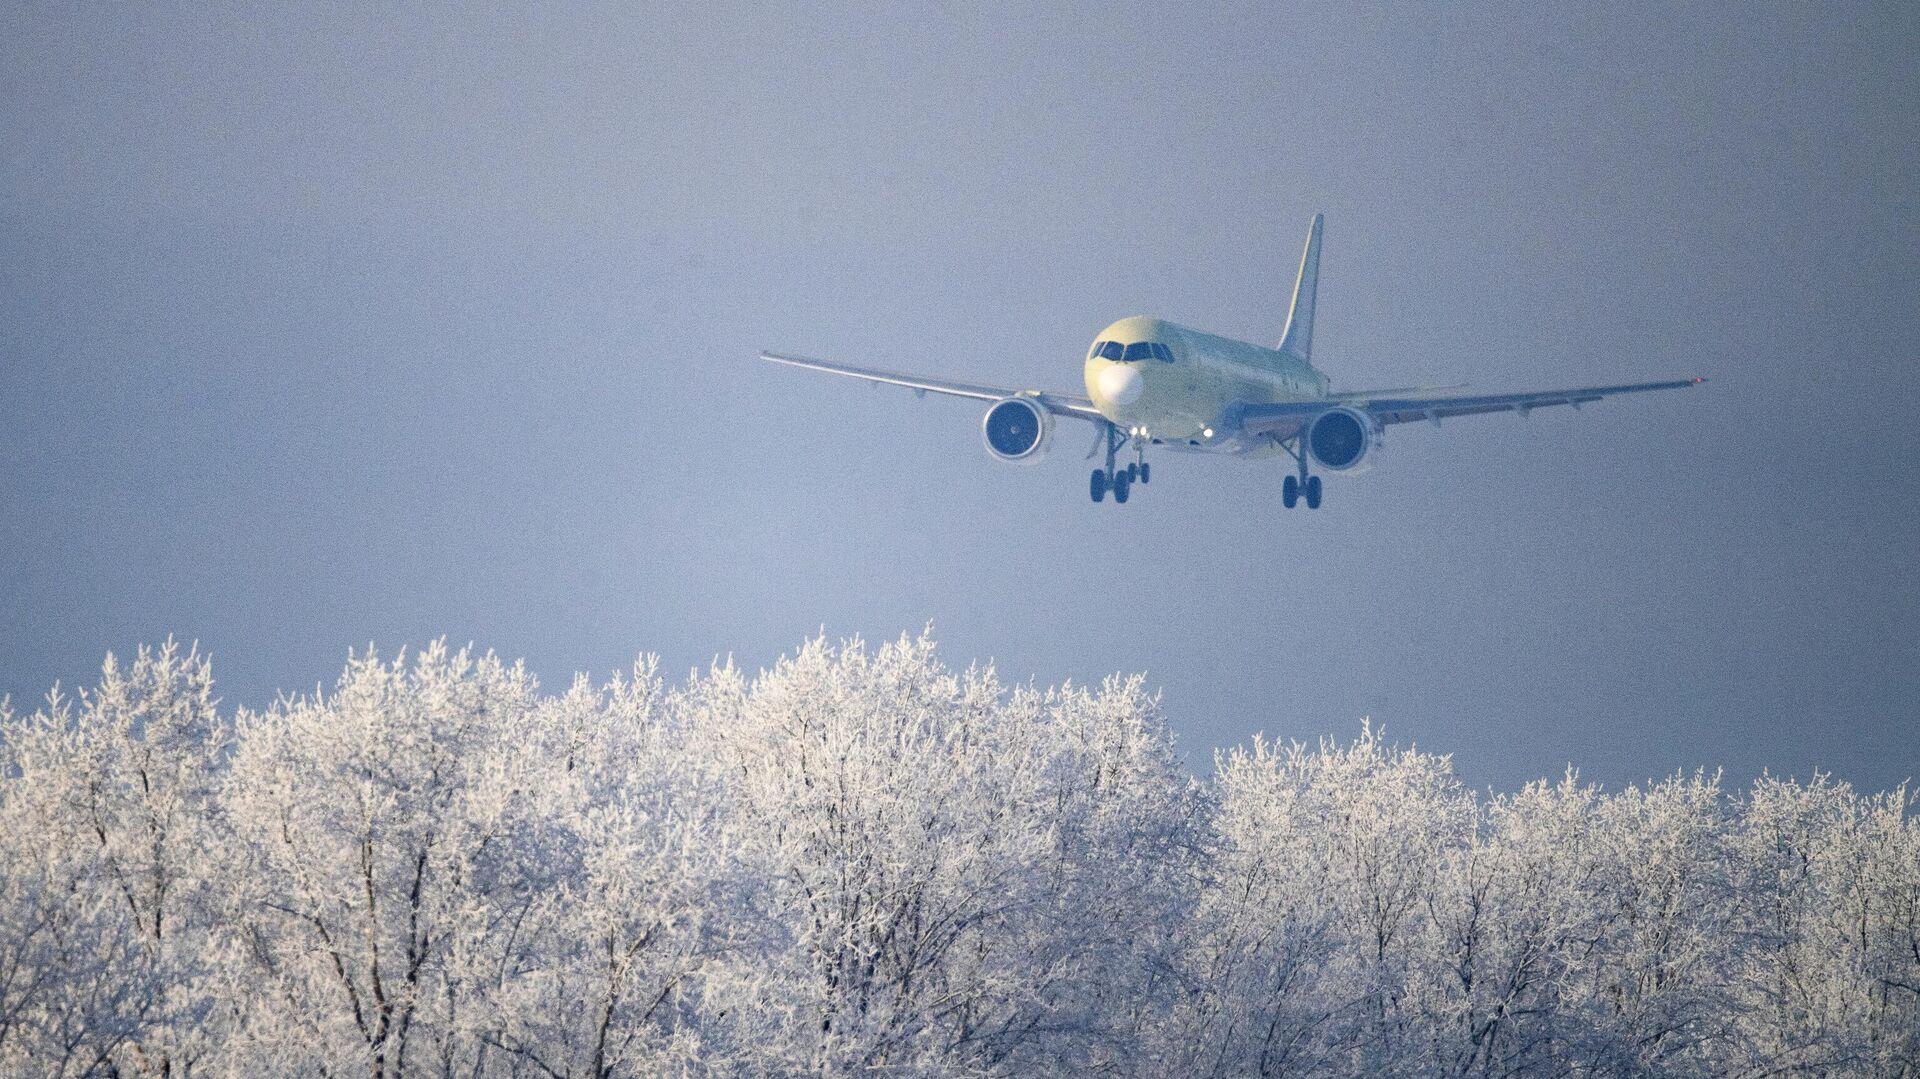 Самолет МС-21-310, оснащенный новыми российскими двигателями ПД-14, совершает посадку на аэродроме Иркутского авиационного завода - РИА Новости, 1920, 23.12.2020